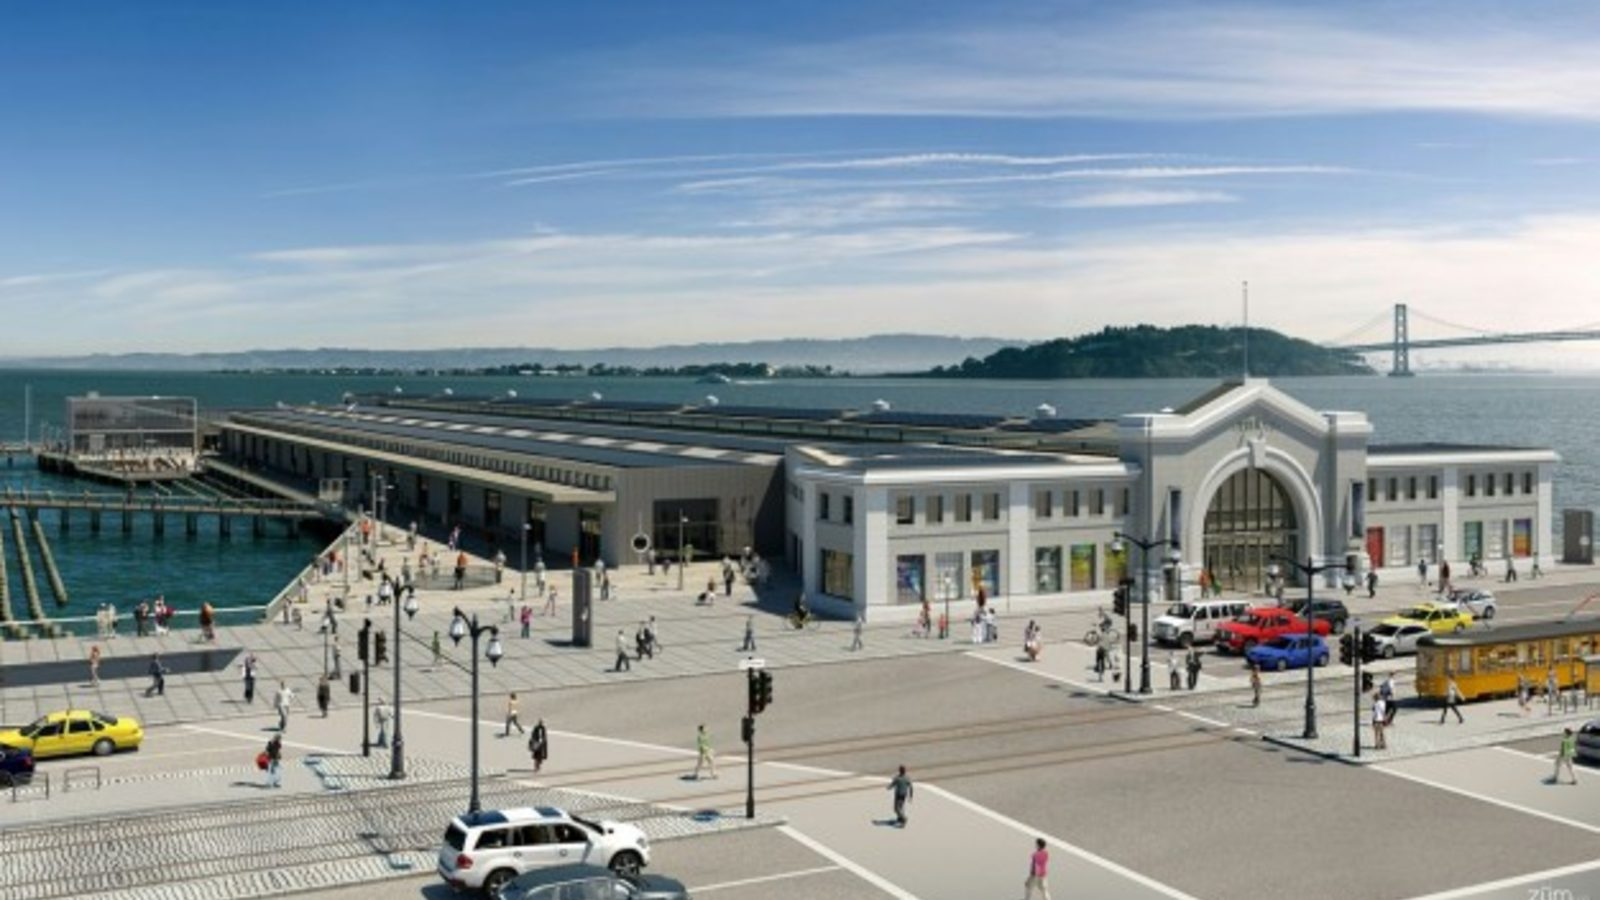 Photo of Exploratorium at Pier 15